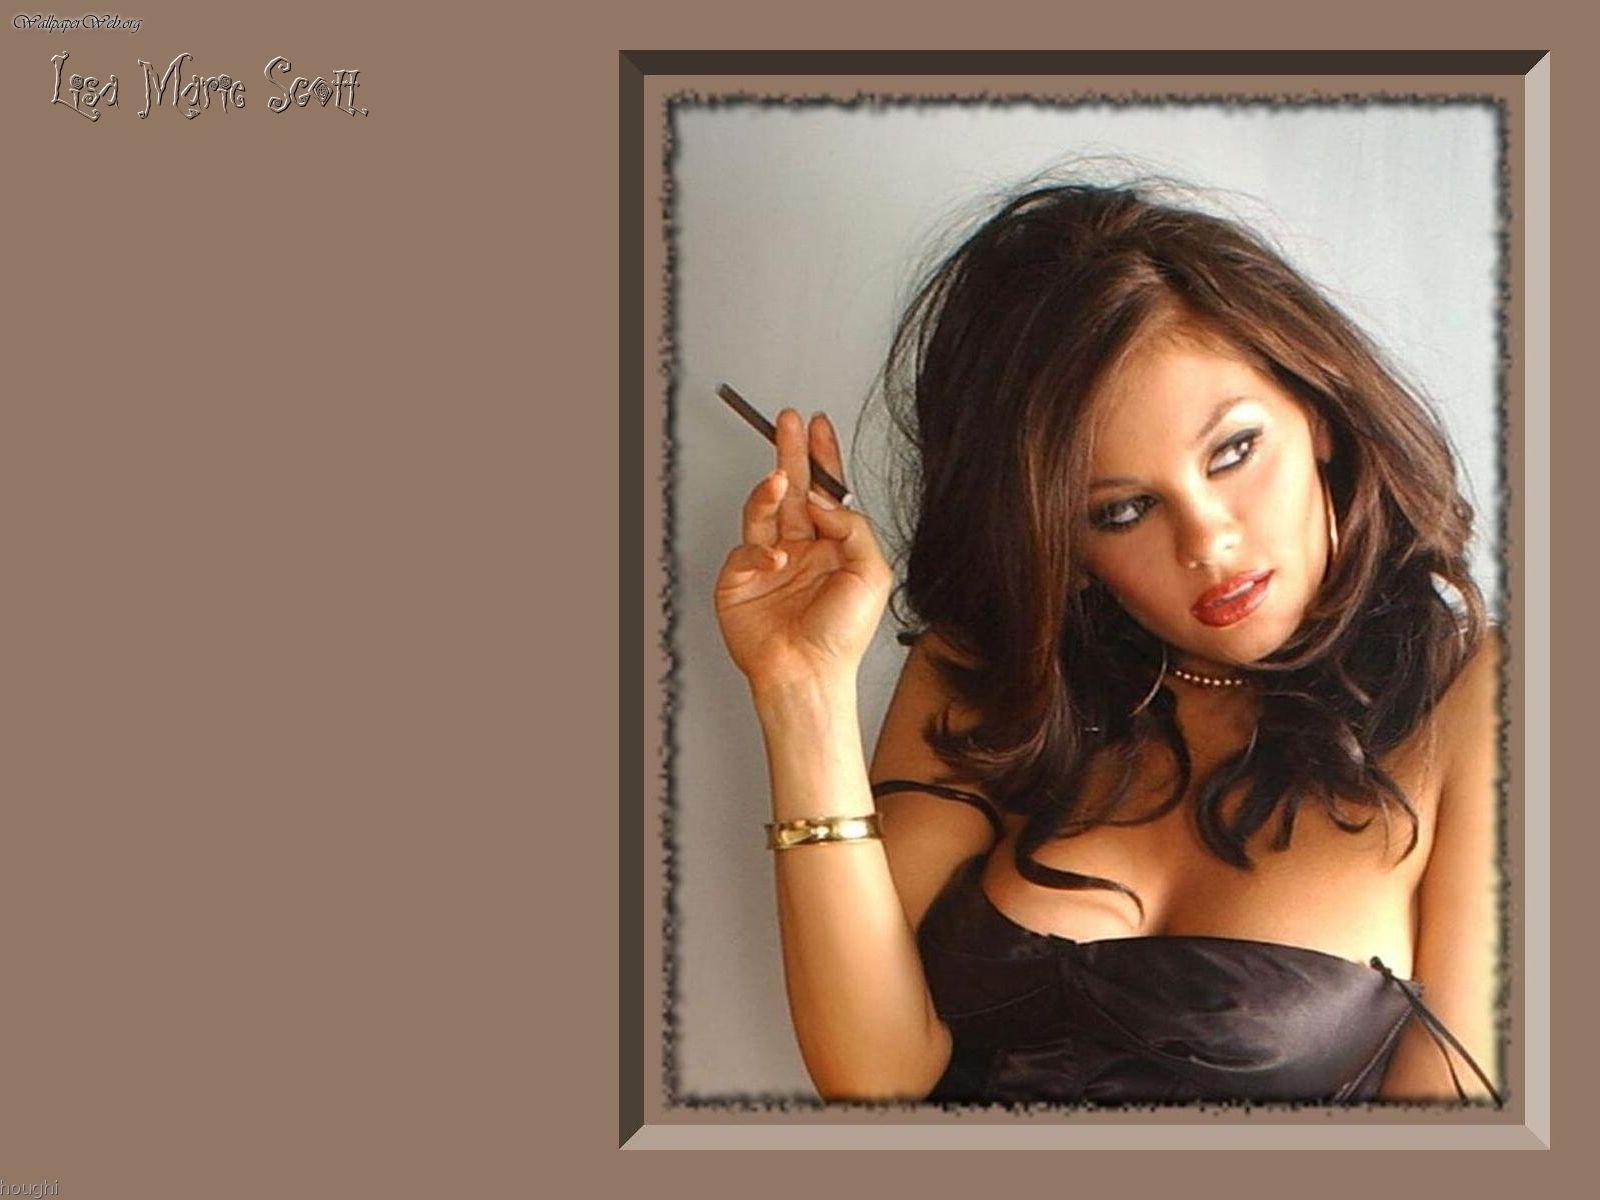 http://3.bp.blogspot.com/-n65bCqyYR7E/Tc-xzLhVrRI/AAAAAAAAPe4/ZuSiIF191LY/s1600/lisa_marie_scott_hot_wallpaper.jpg